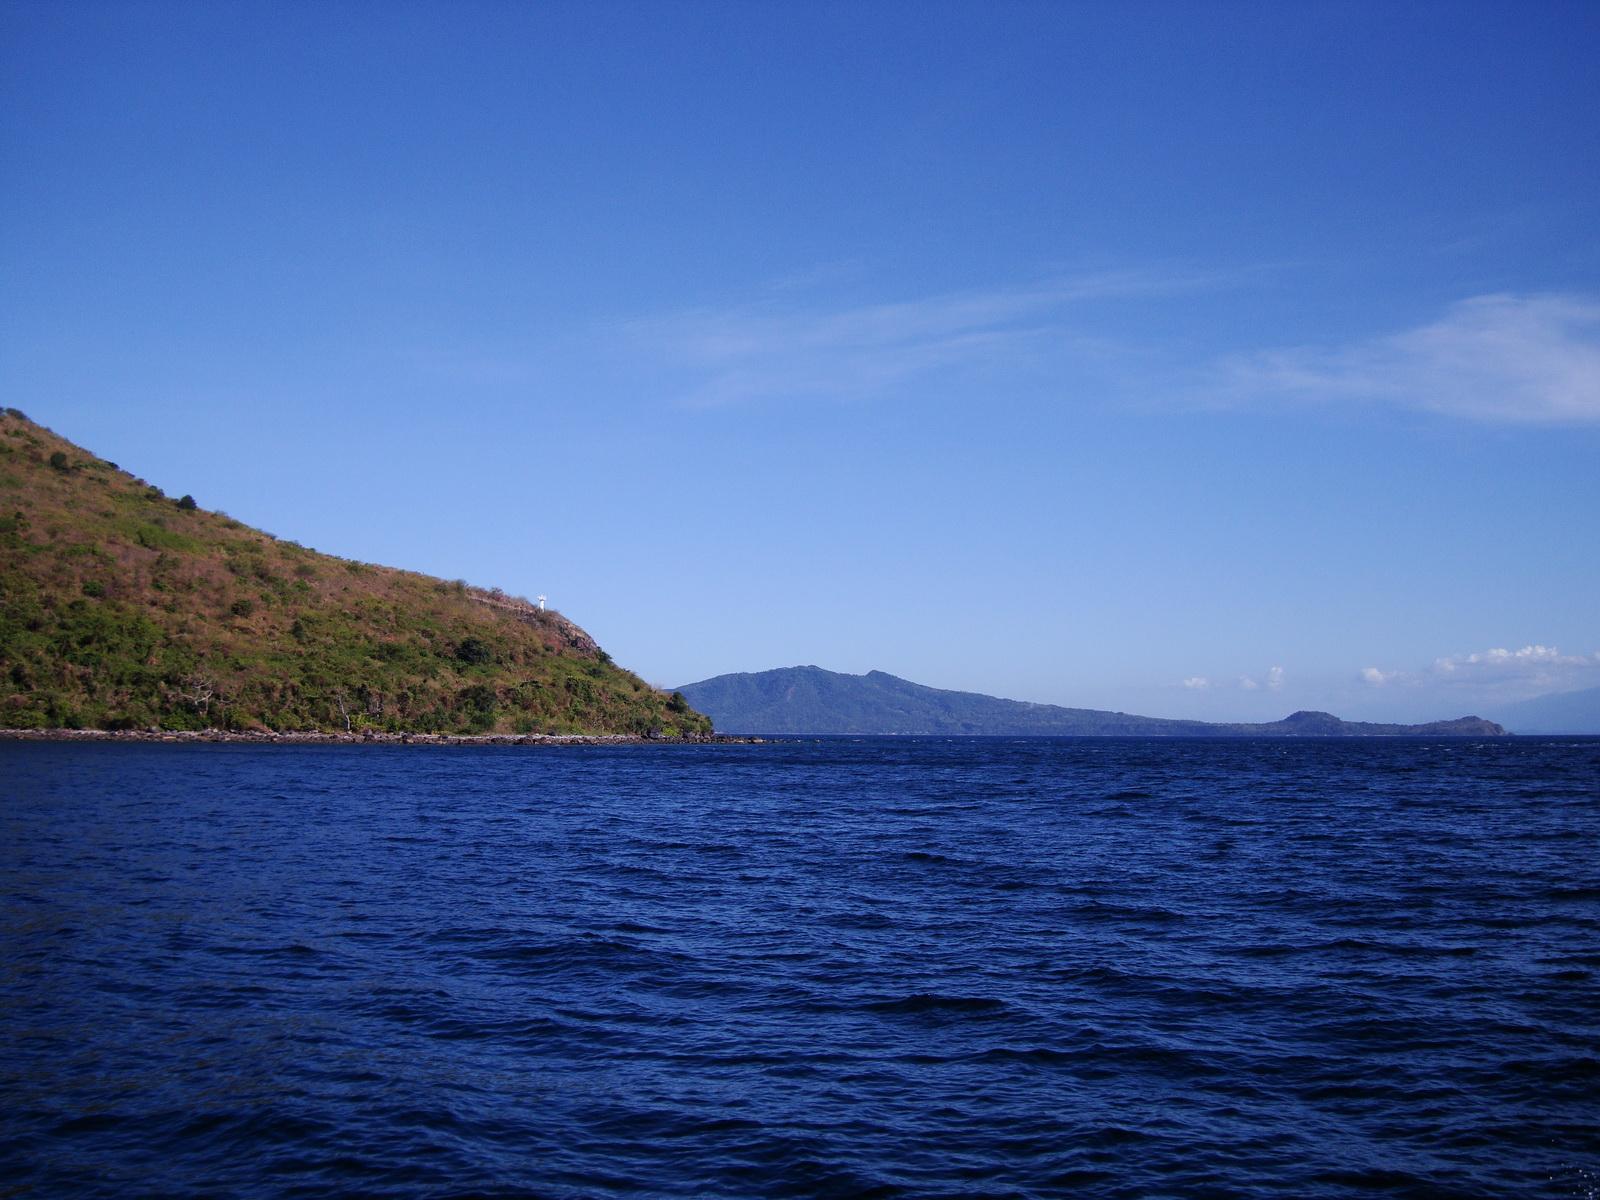 Bagalangit Point lighthouse Calumpan Peninsula viewed from a banca Anilao Batangas 04